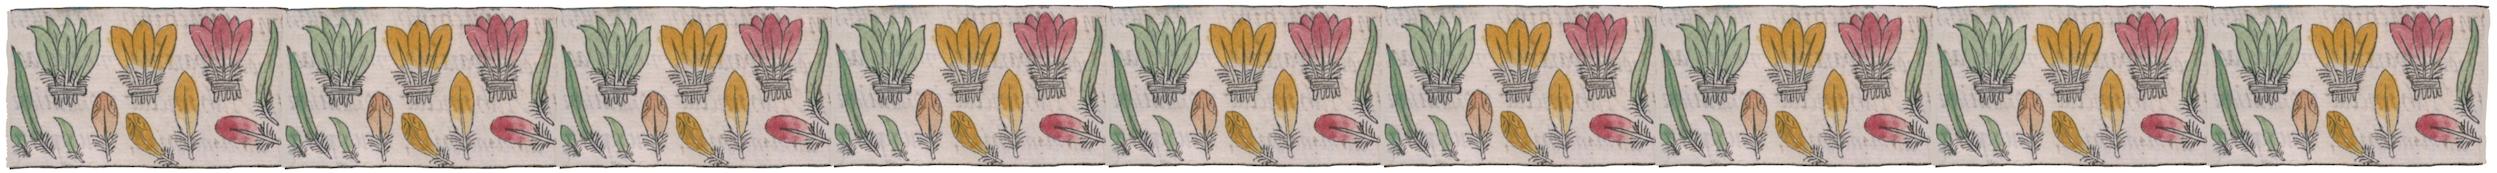 Florentine Codex feathers banner 2